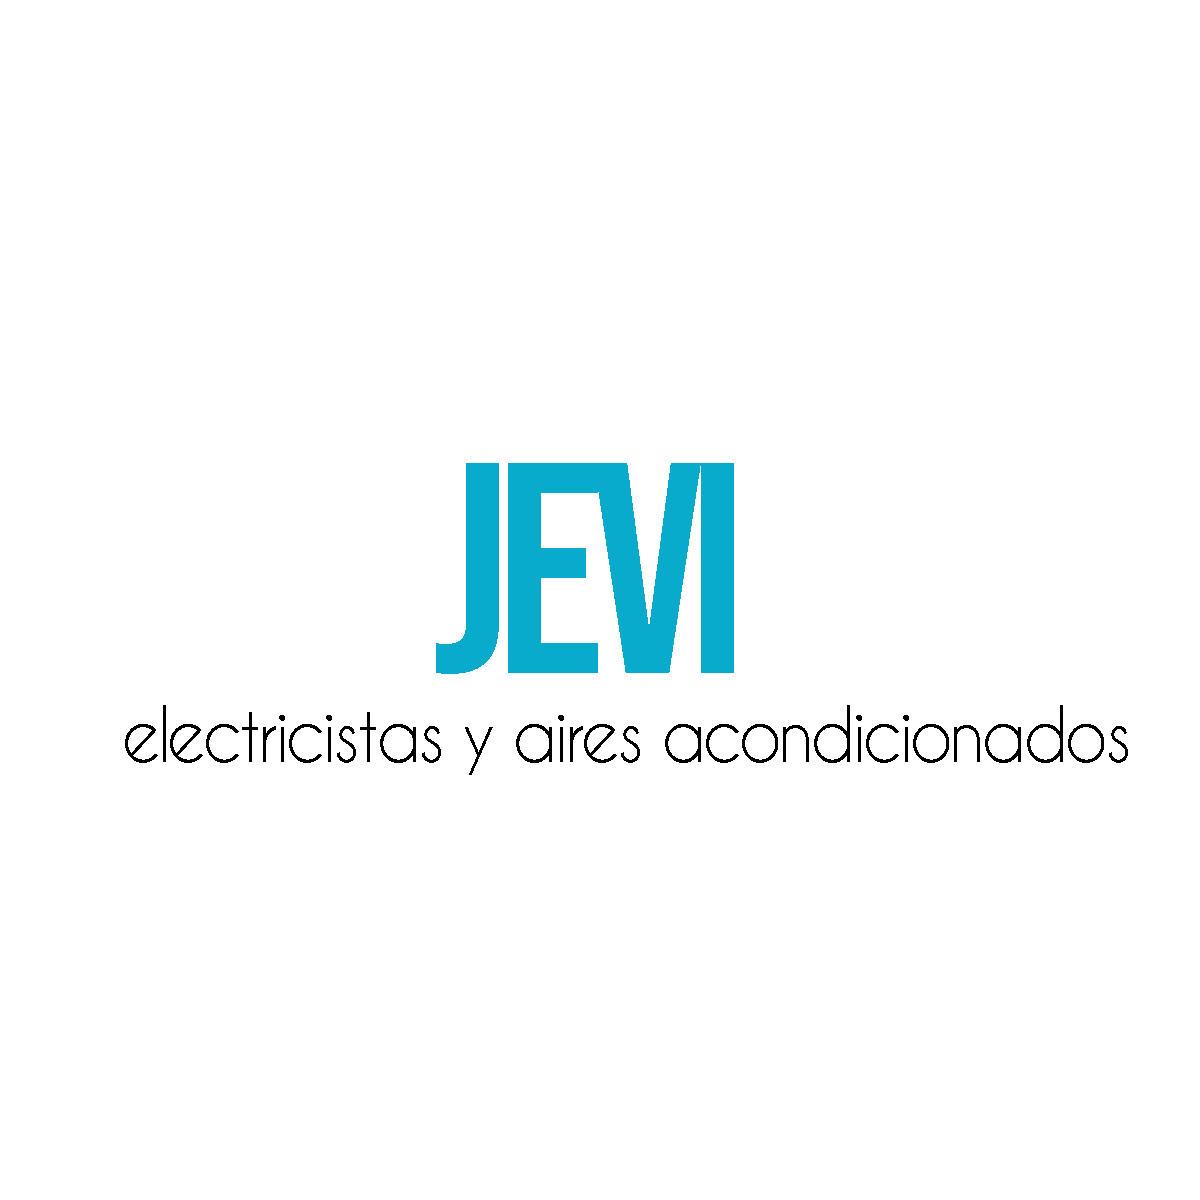 JEVI ELECTRICISTA Y AIRES ACONDICIONADOS